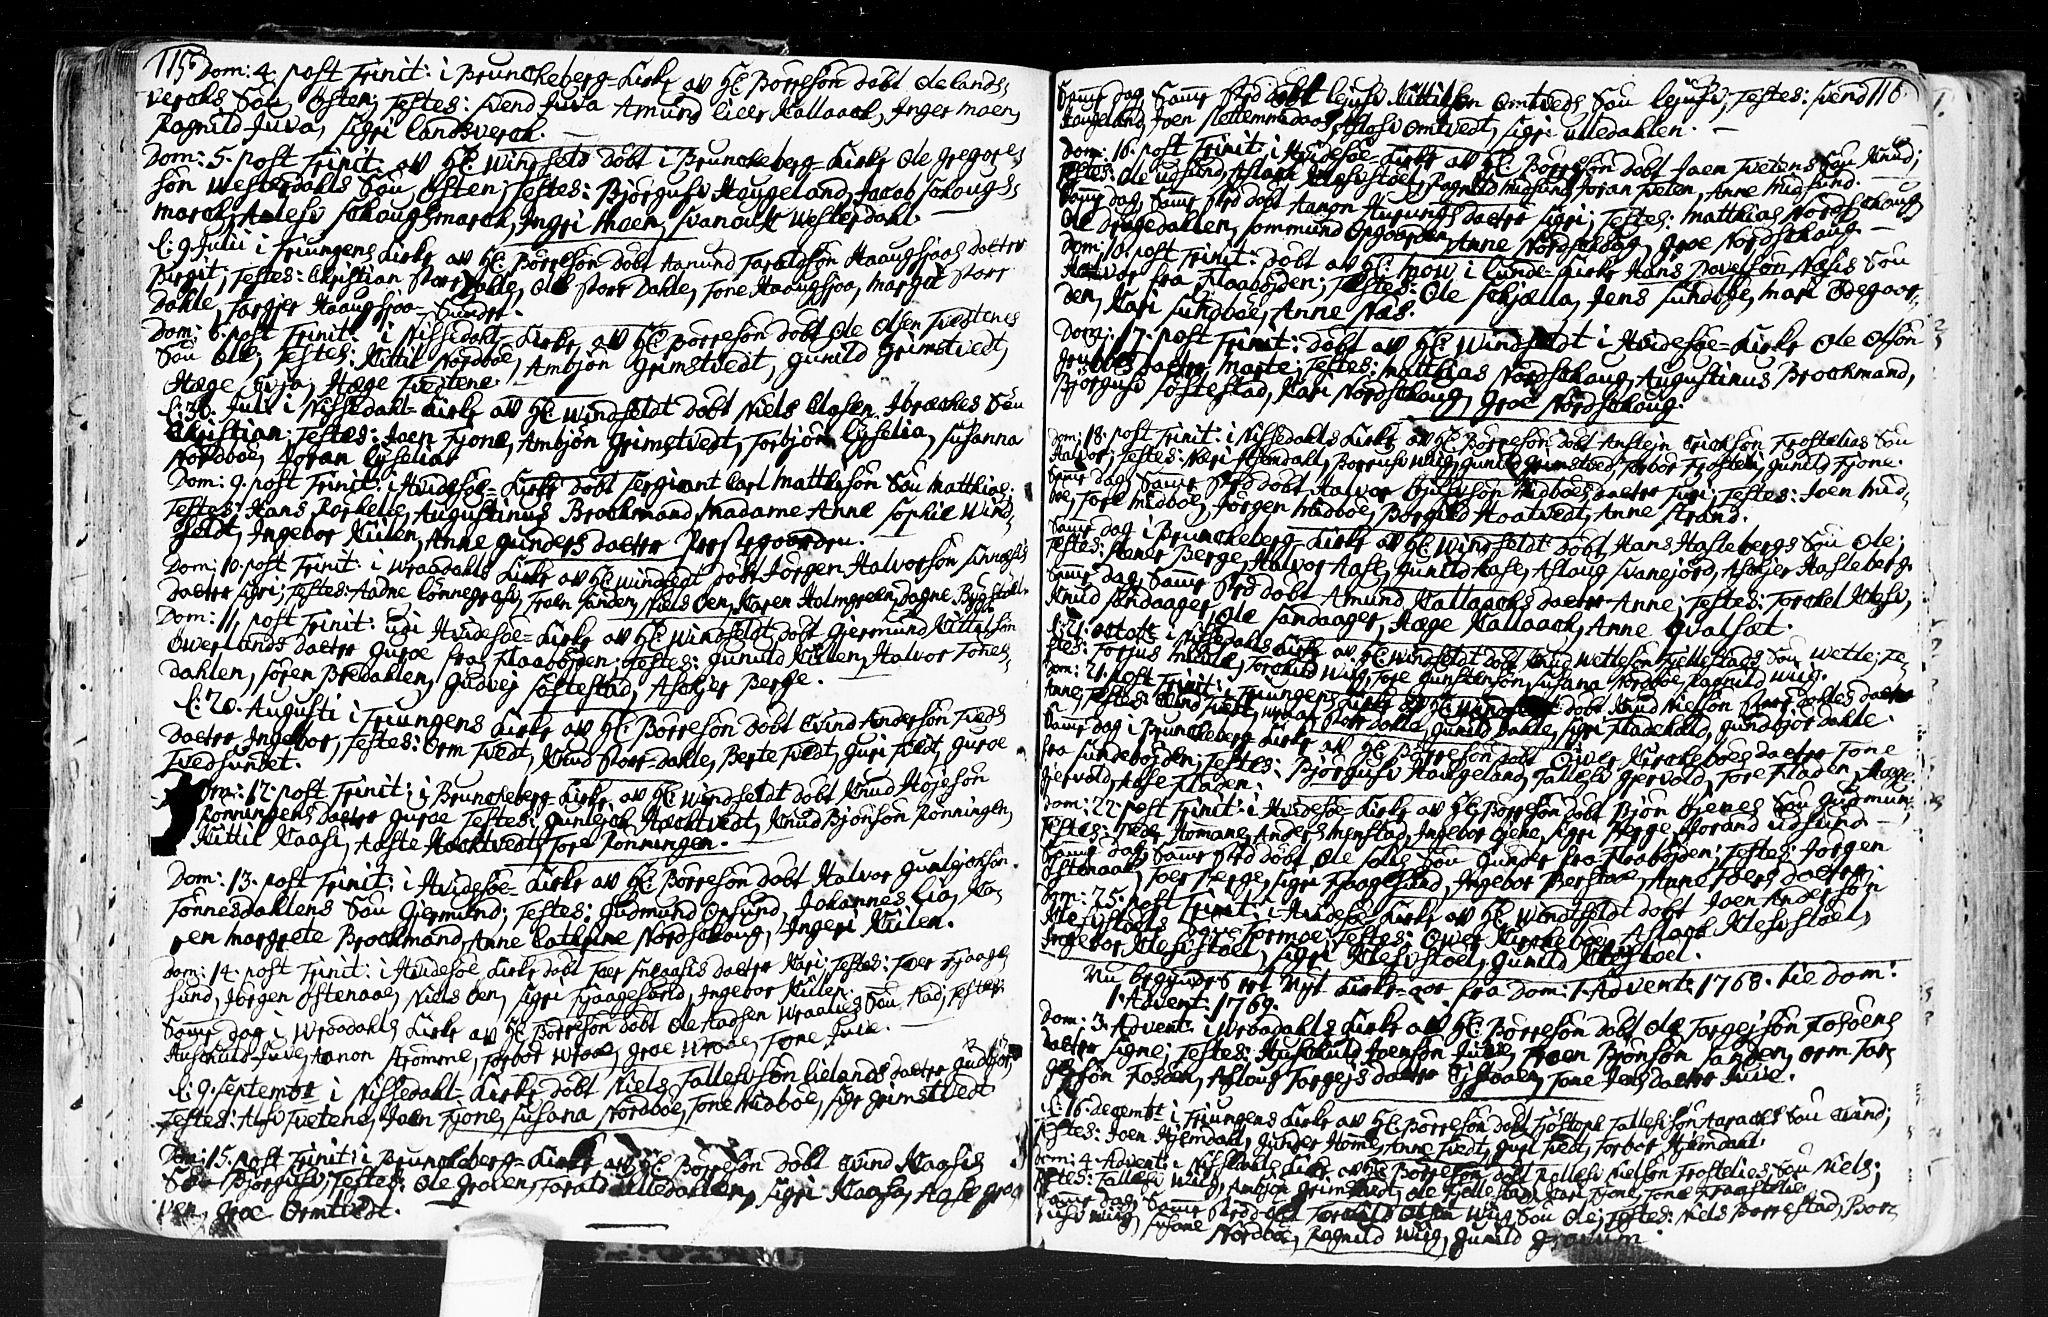 SAKO, Kviteseid kirkebøker, F/Fa/L0001: Ministerialbok nr. I 1, 1754-1773, s. 115-116